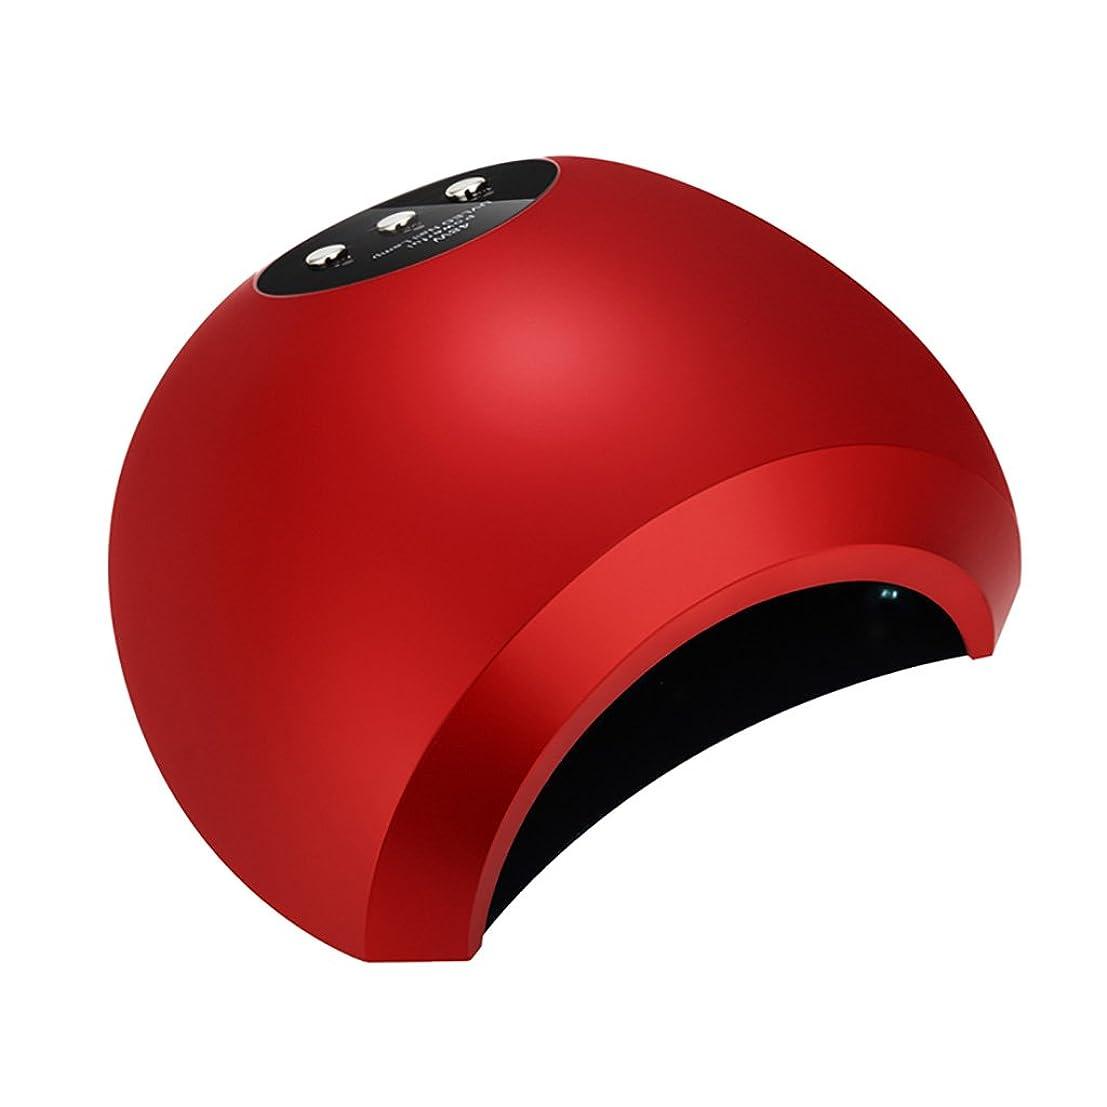 シャンプー同様に醜いネイル光線療法機 ネイルライト - ネイルドライヤー48WフォトセラピーマシンネイルポリッシュジェルLEDフォトセラピーライトファーストドライツールはブラックハンドではありません (色 : Red)